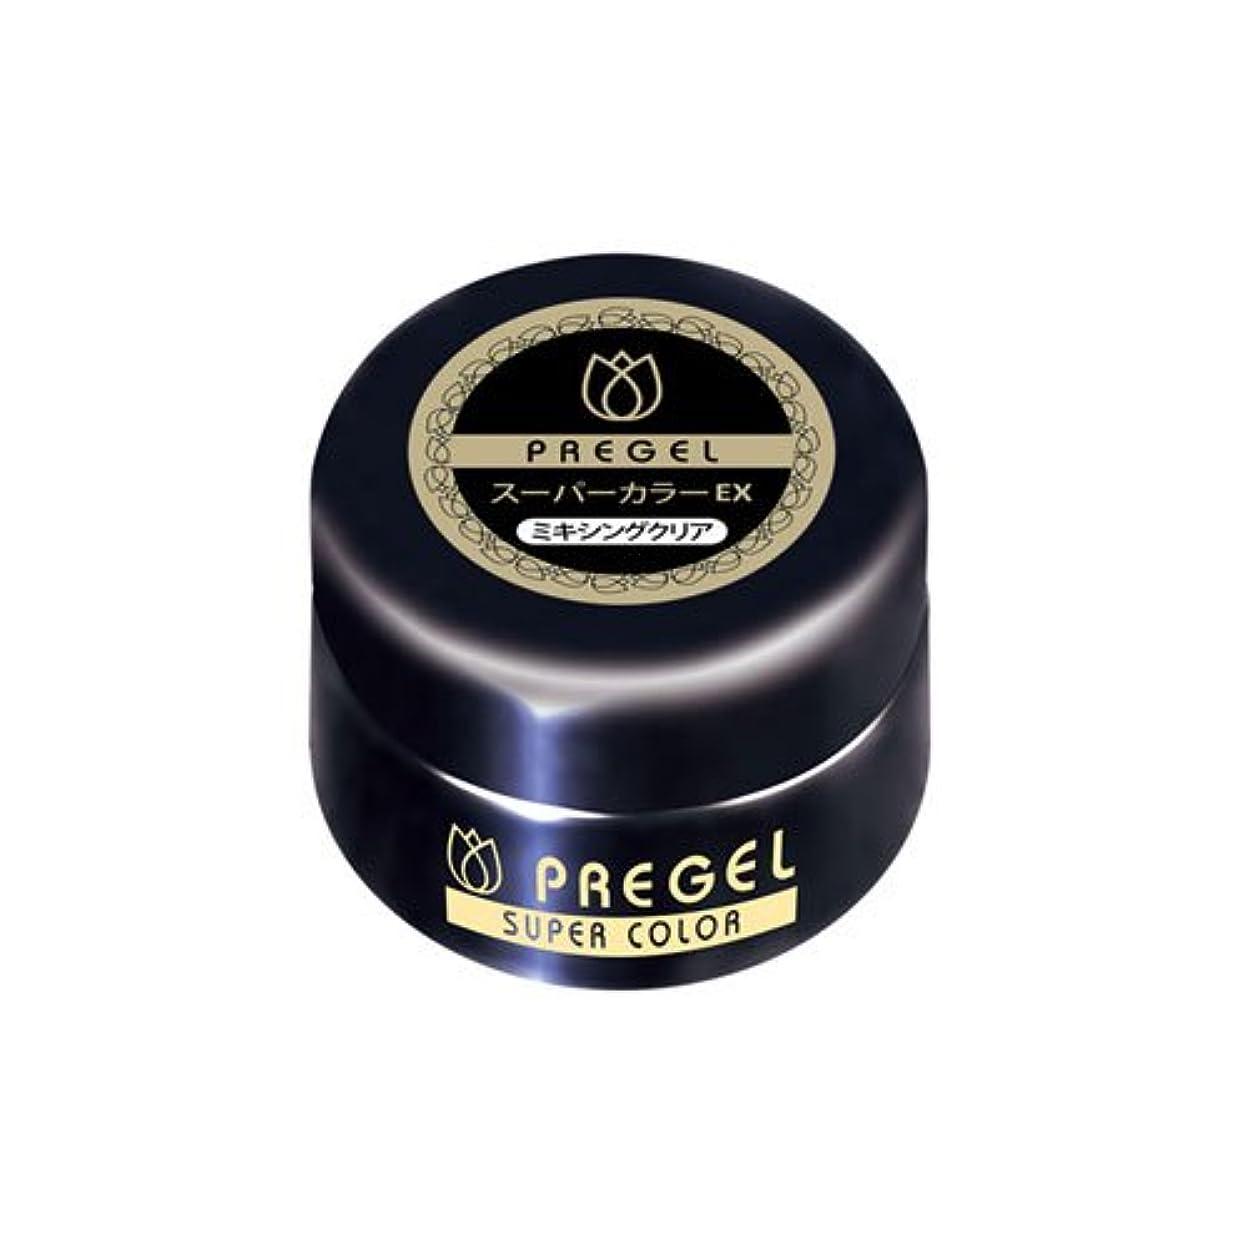 提唱するスナック常習的プリジェル スーパーカラーEX ミキシングクリア 4g  カラージェルの薄め用ジェル UV/LED対応